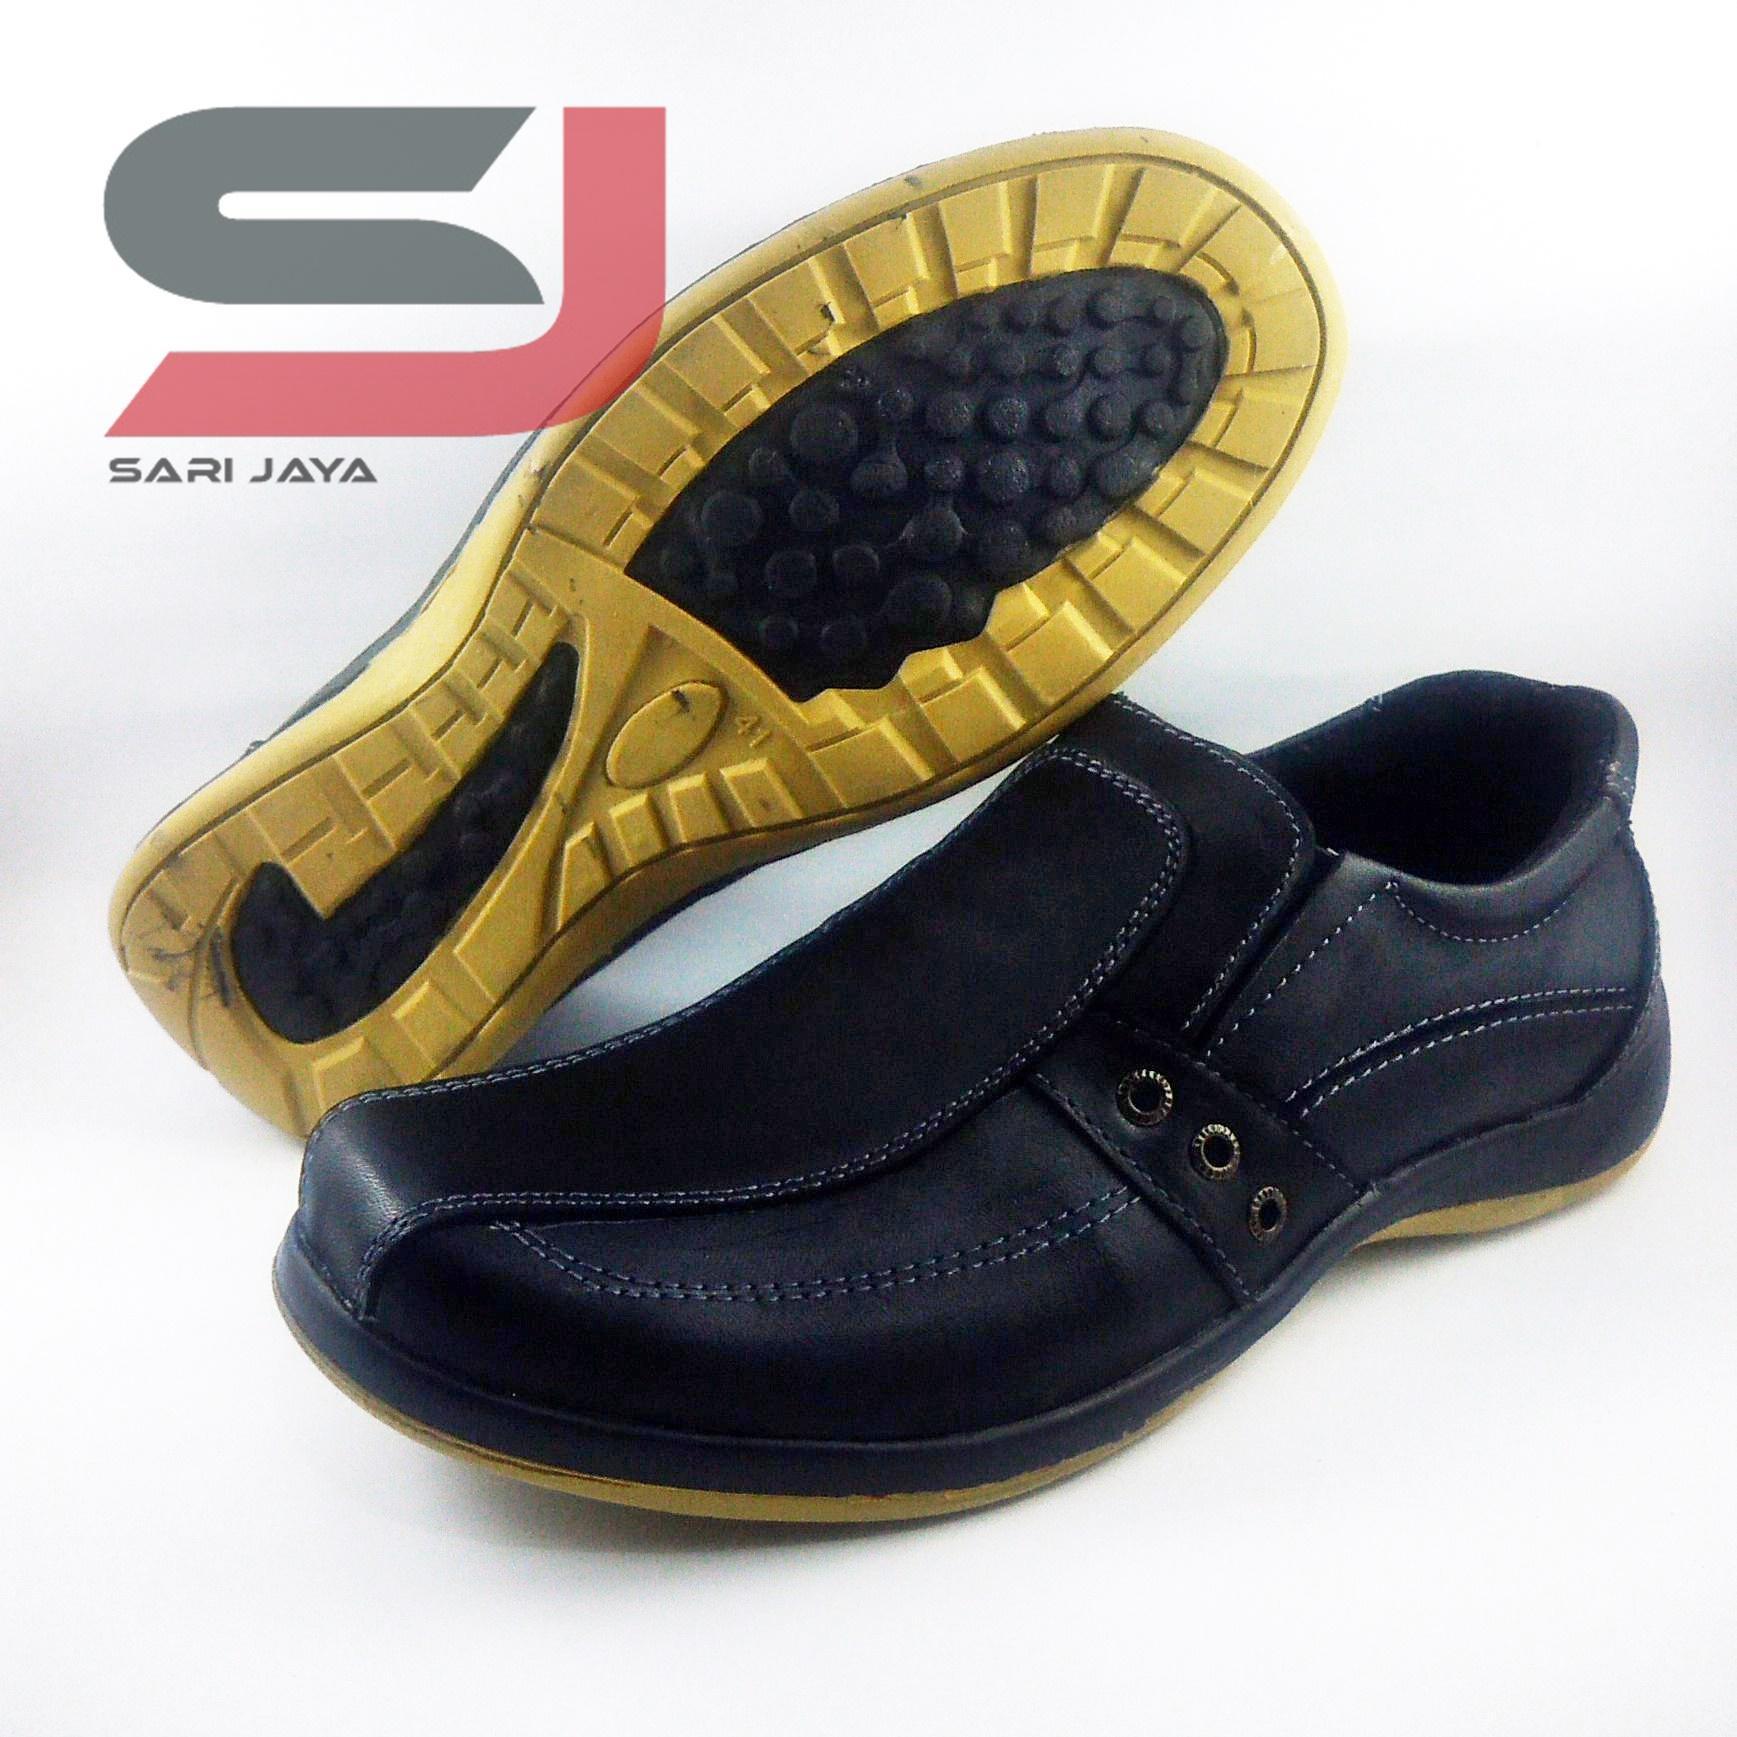 Sepatu pantofel casual pria slip on bahan kulit asli fantofel formal pantopel kerja